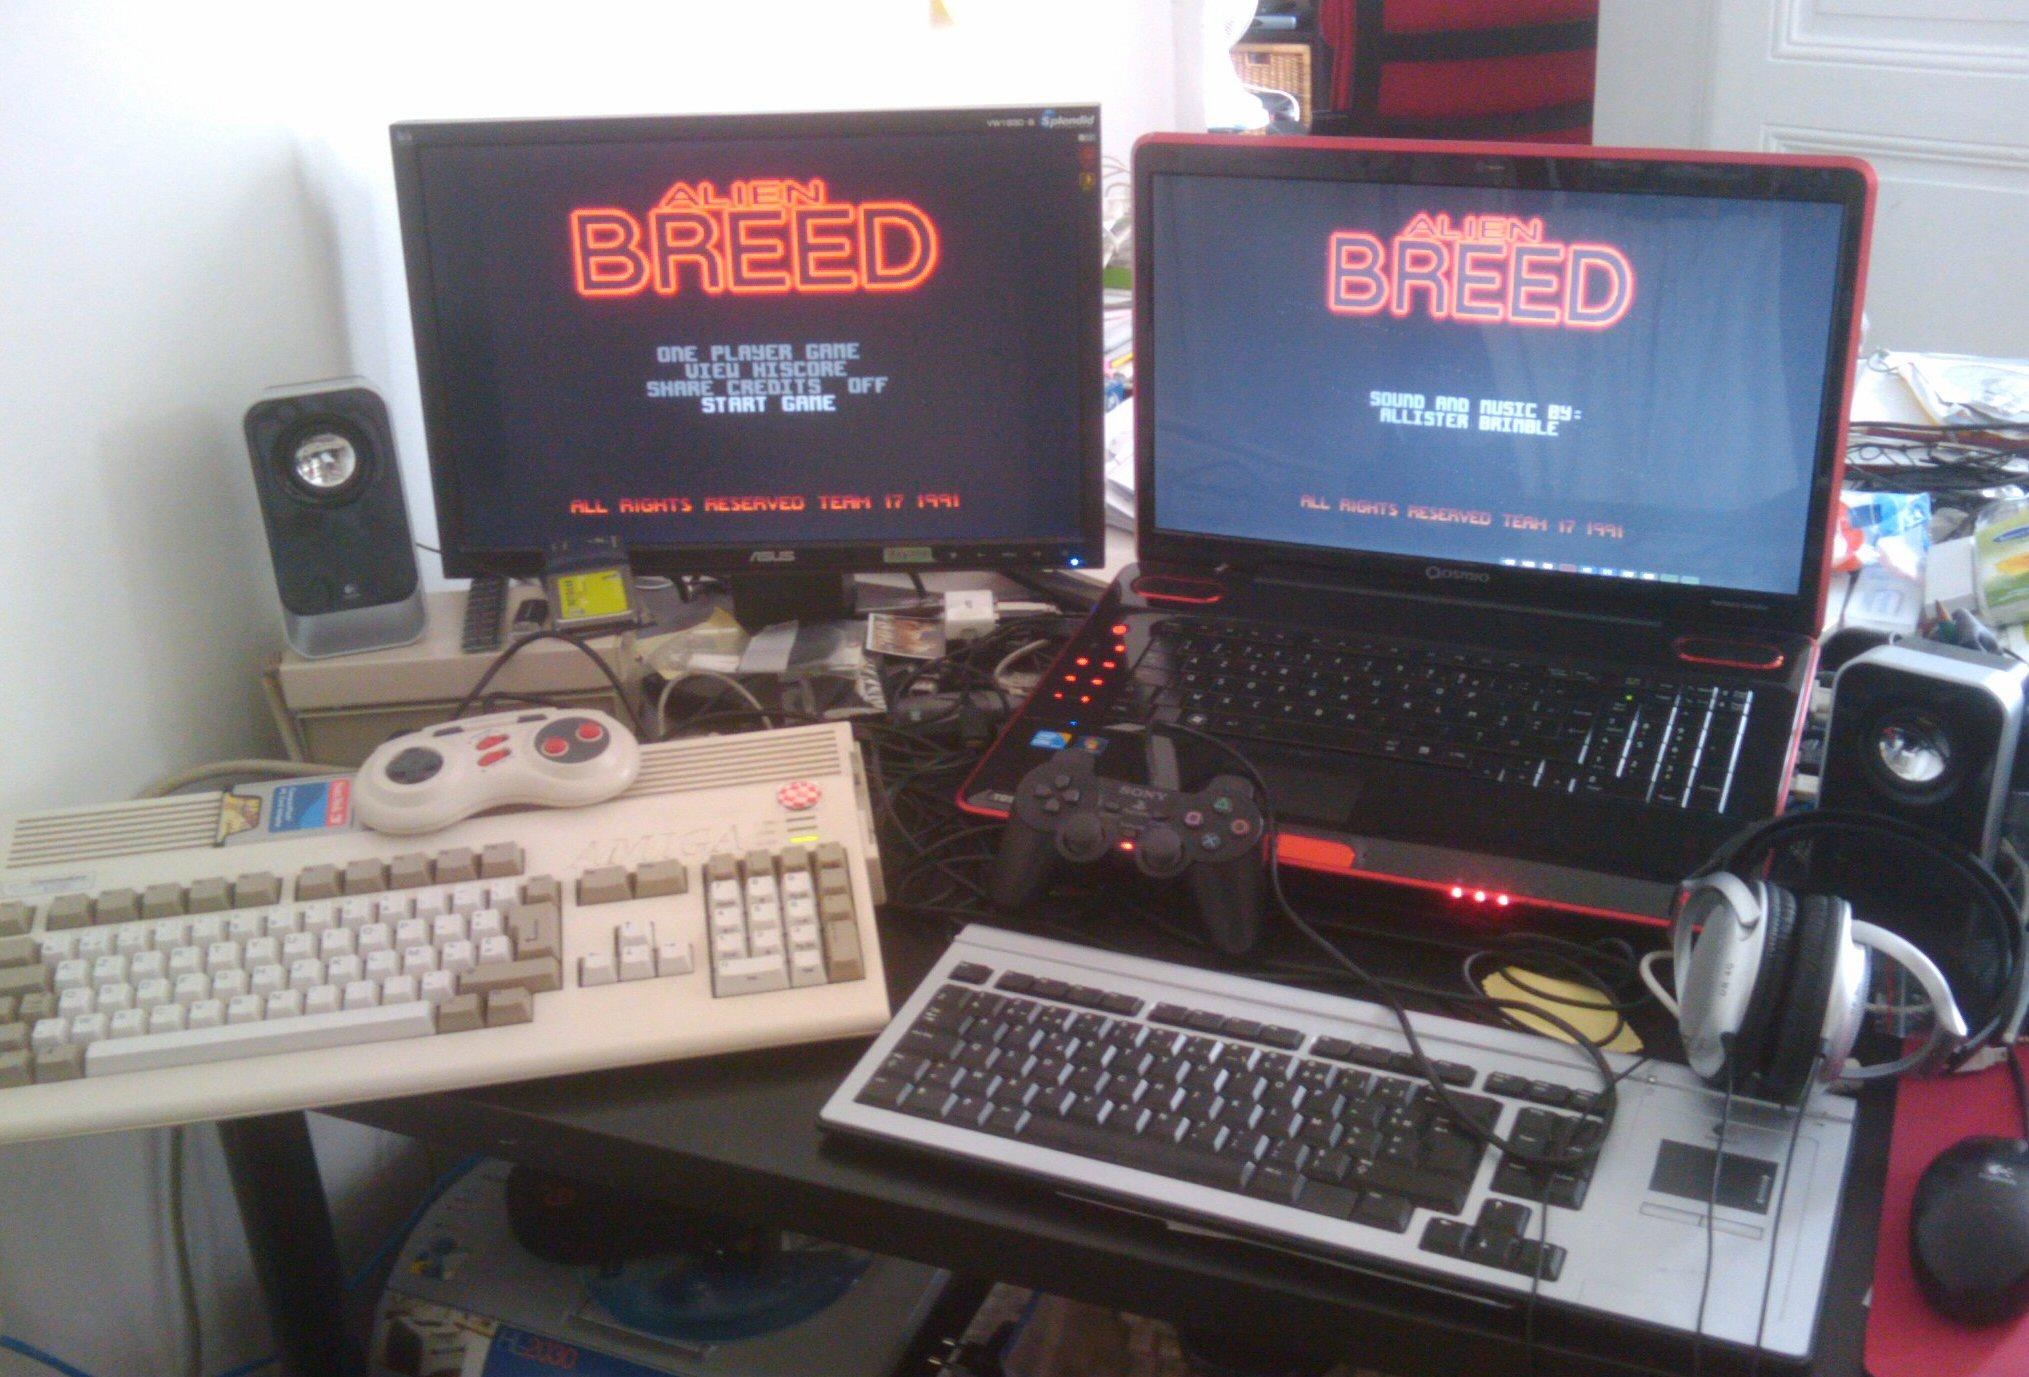 Amiga 1200 vs Toshiba Qosmio X500 playing Alien Breed